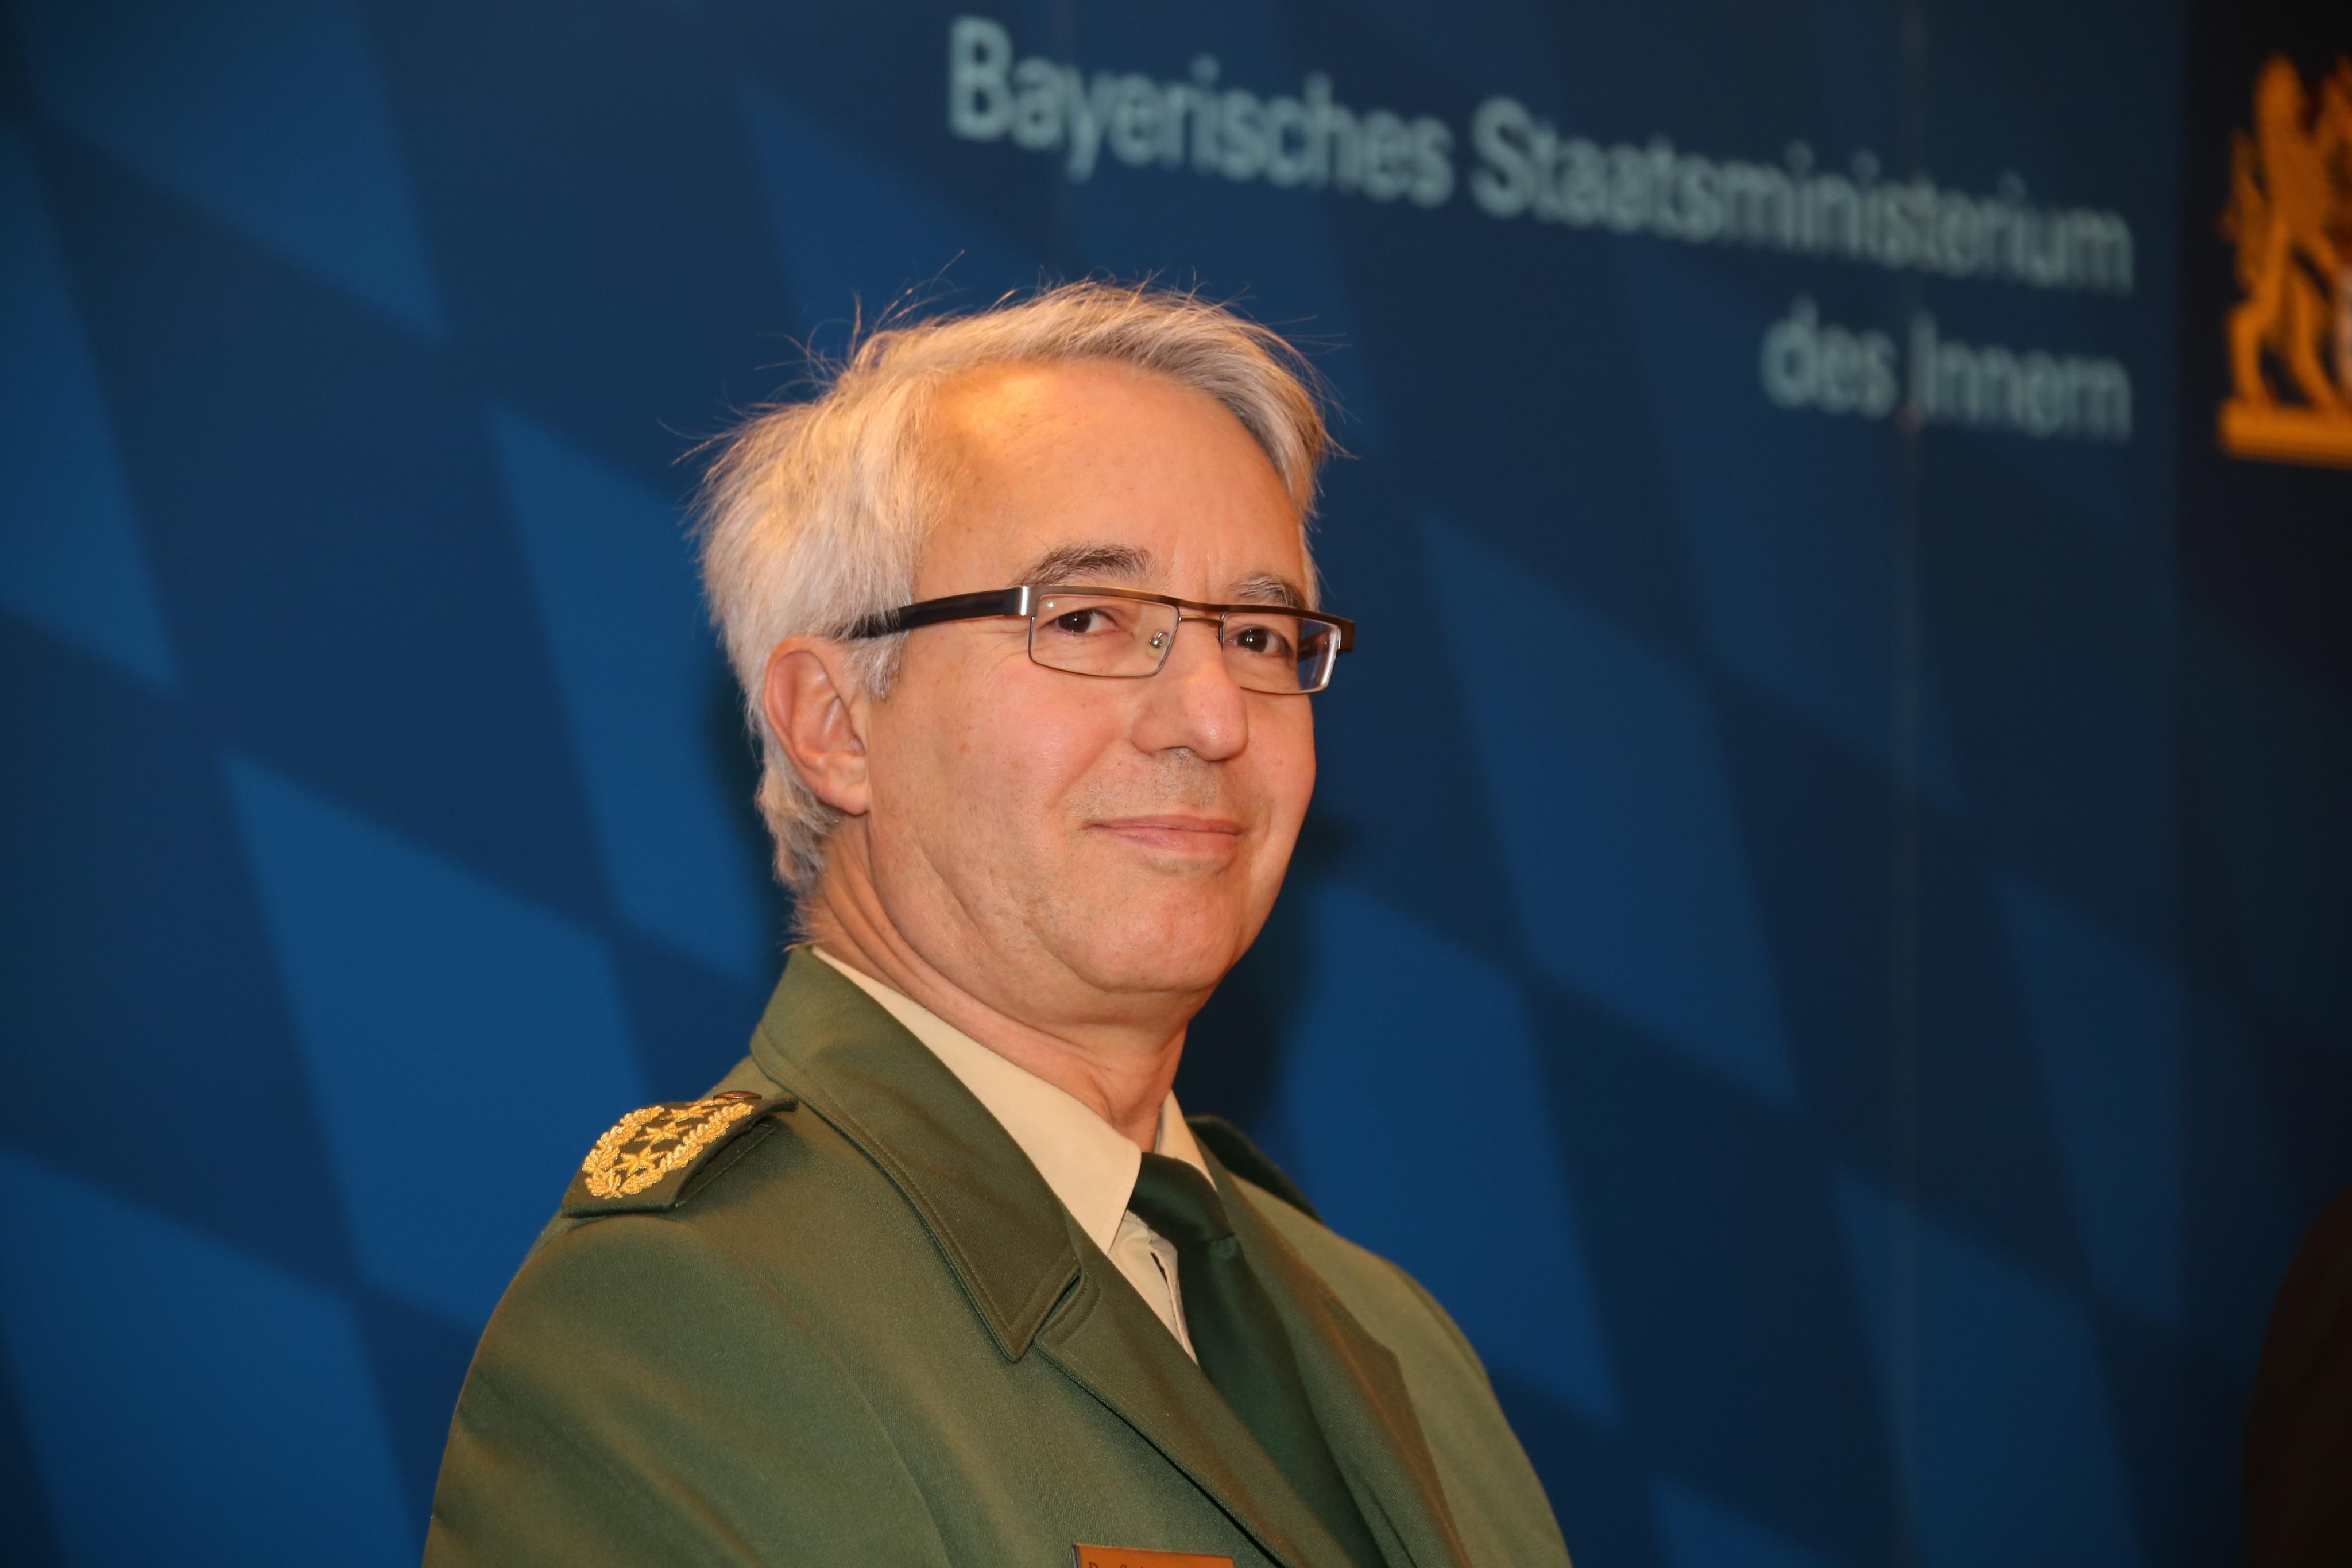 Wilhelm Schmidbauer